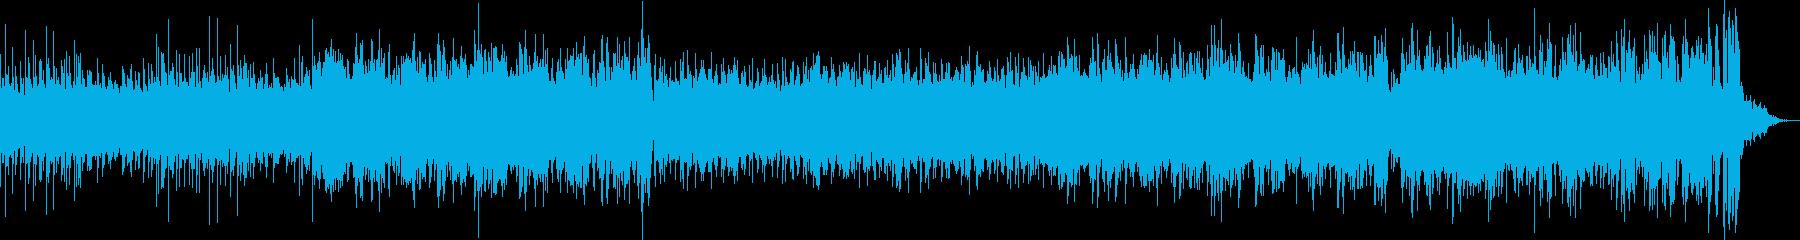 光速を表現したドラムンベースの再生済みの波形